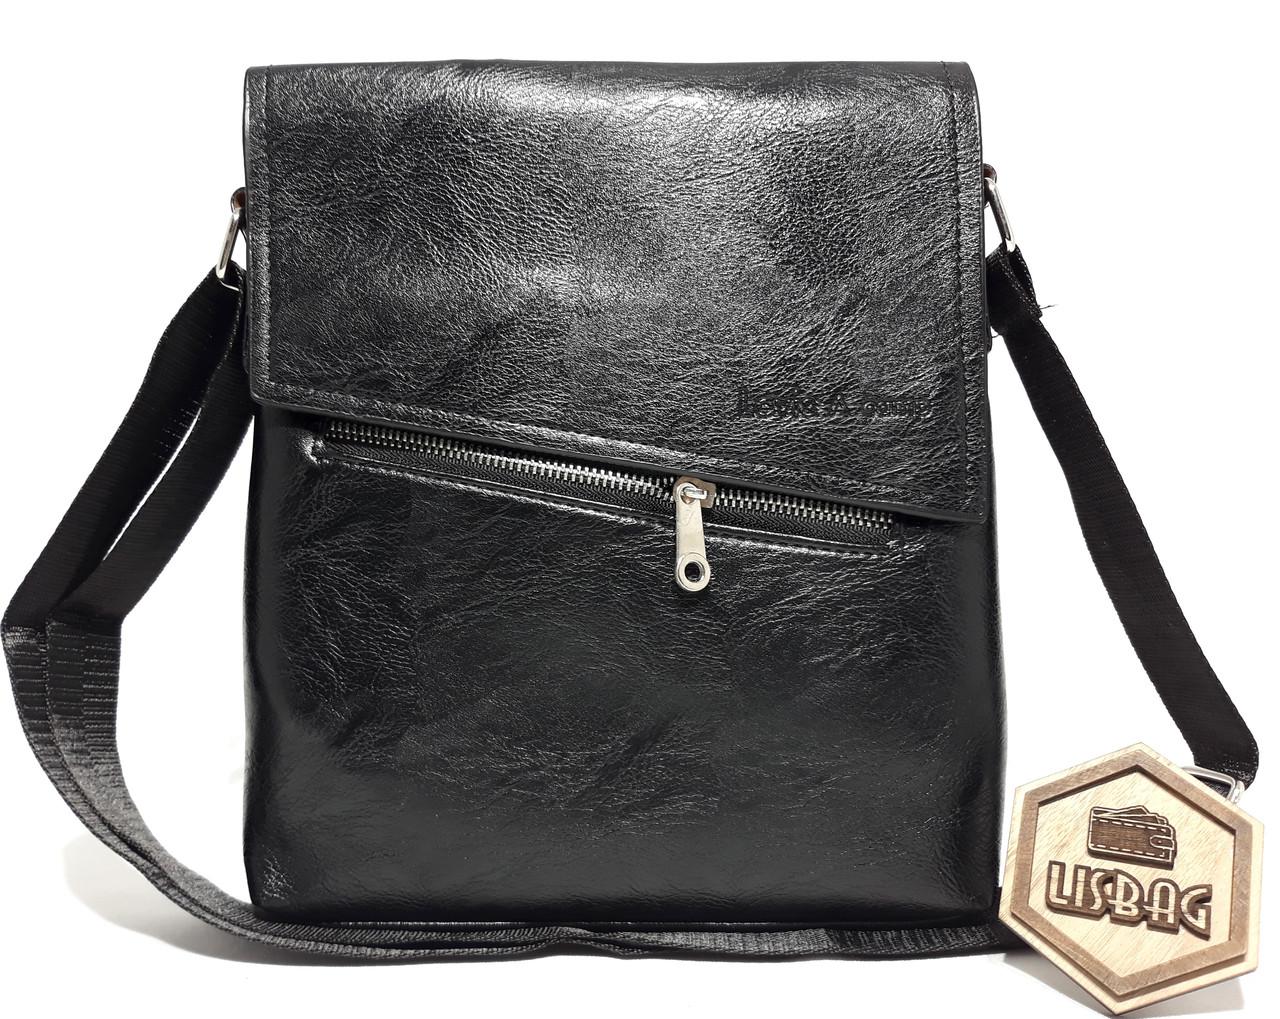 04b0f6f6b4e7 Черная мужская классическая деловая сумка планшетка/барсетка Levis ...